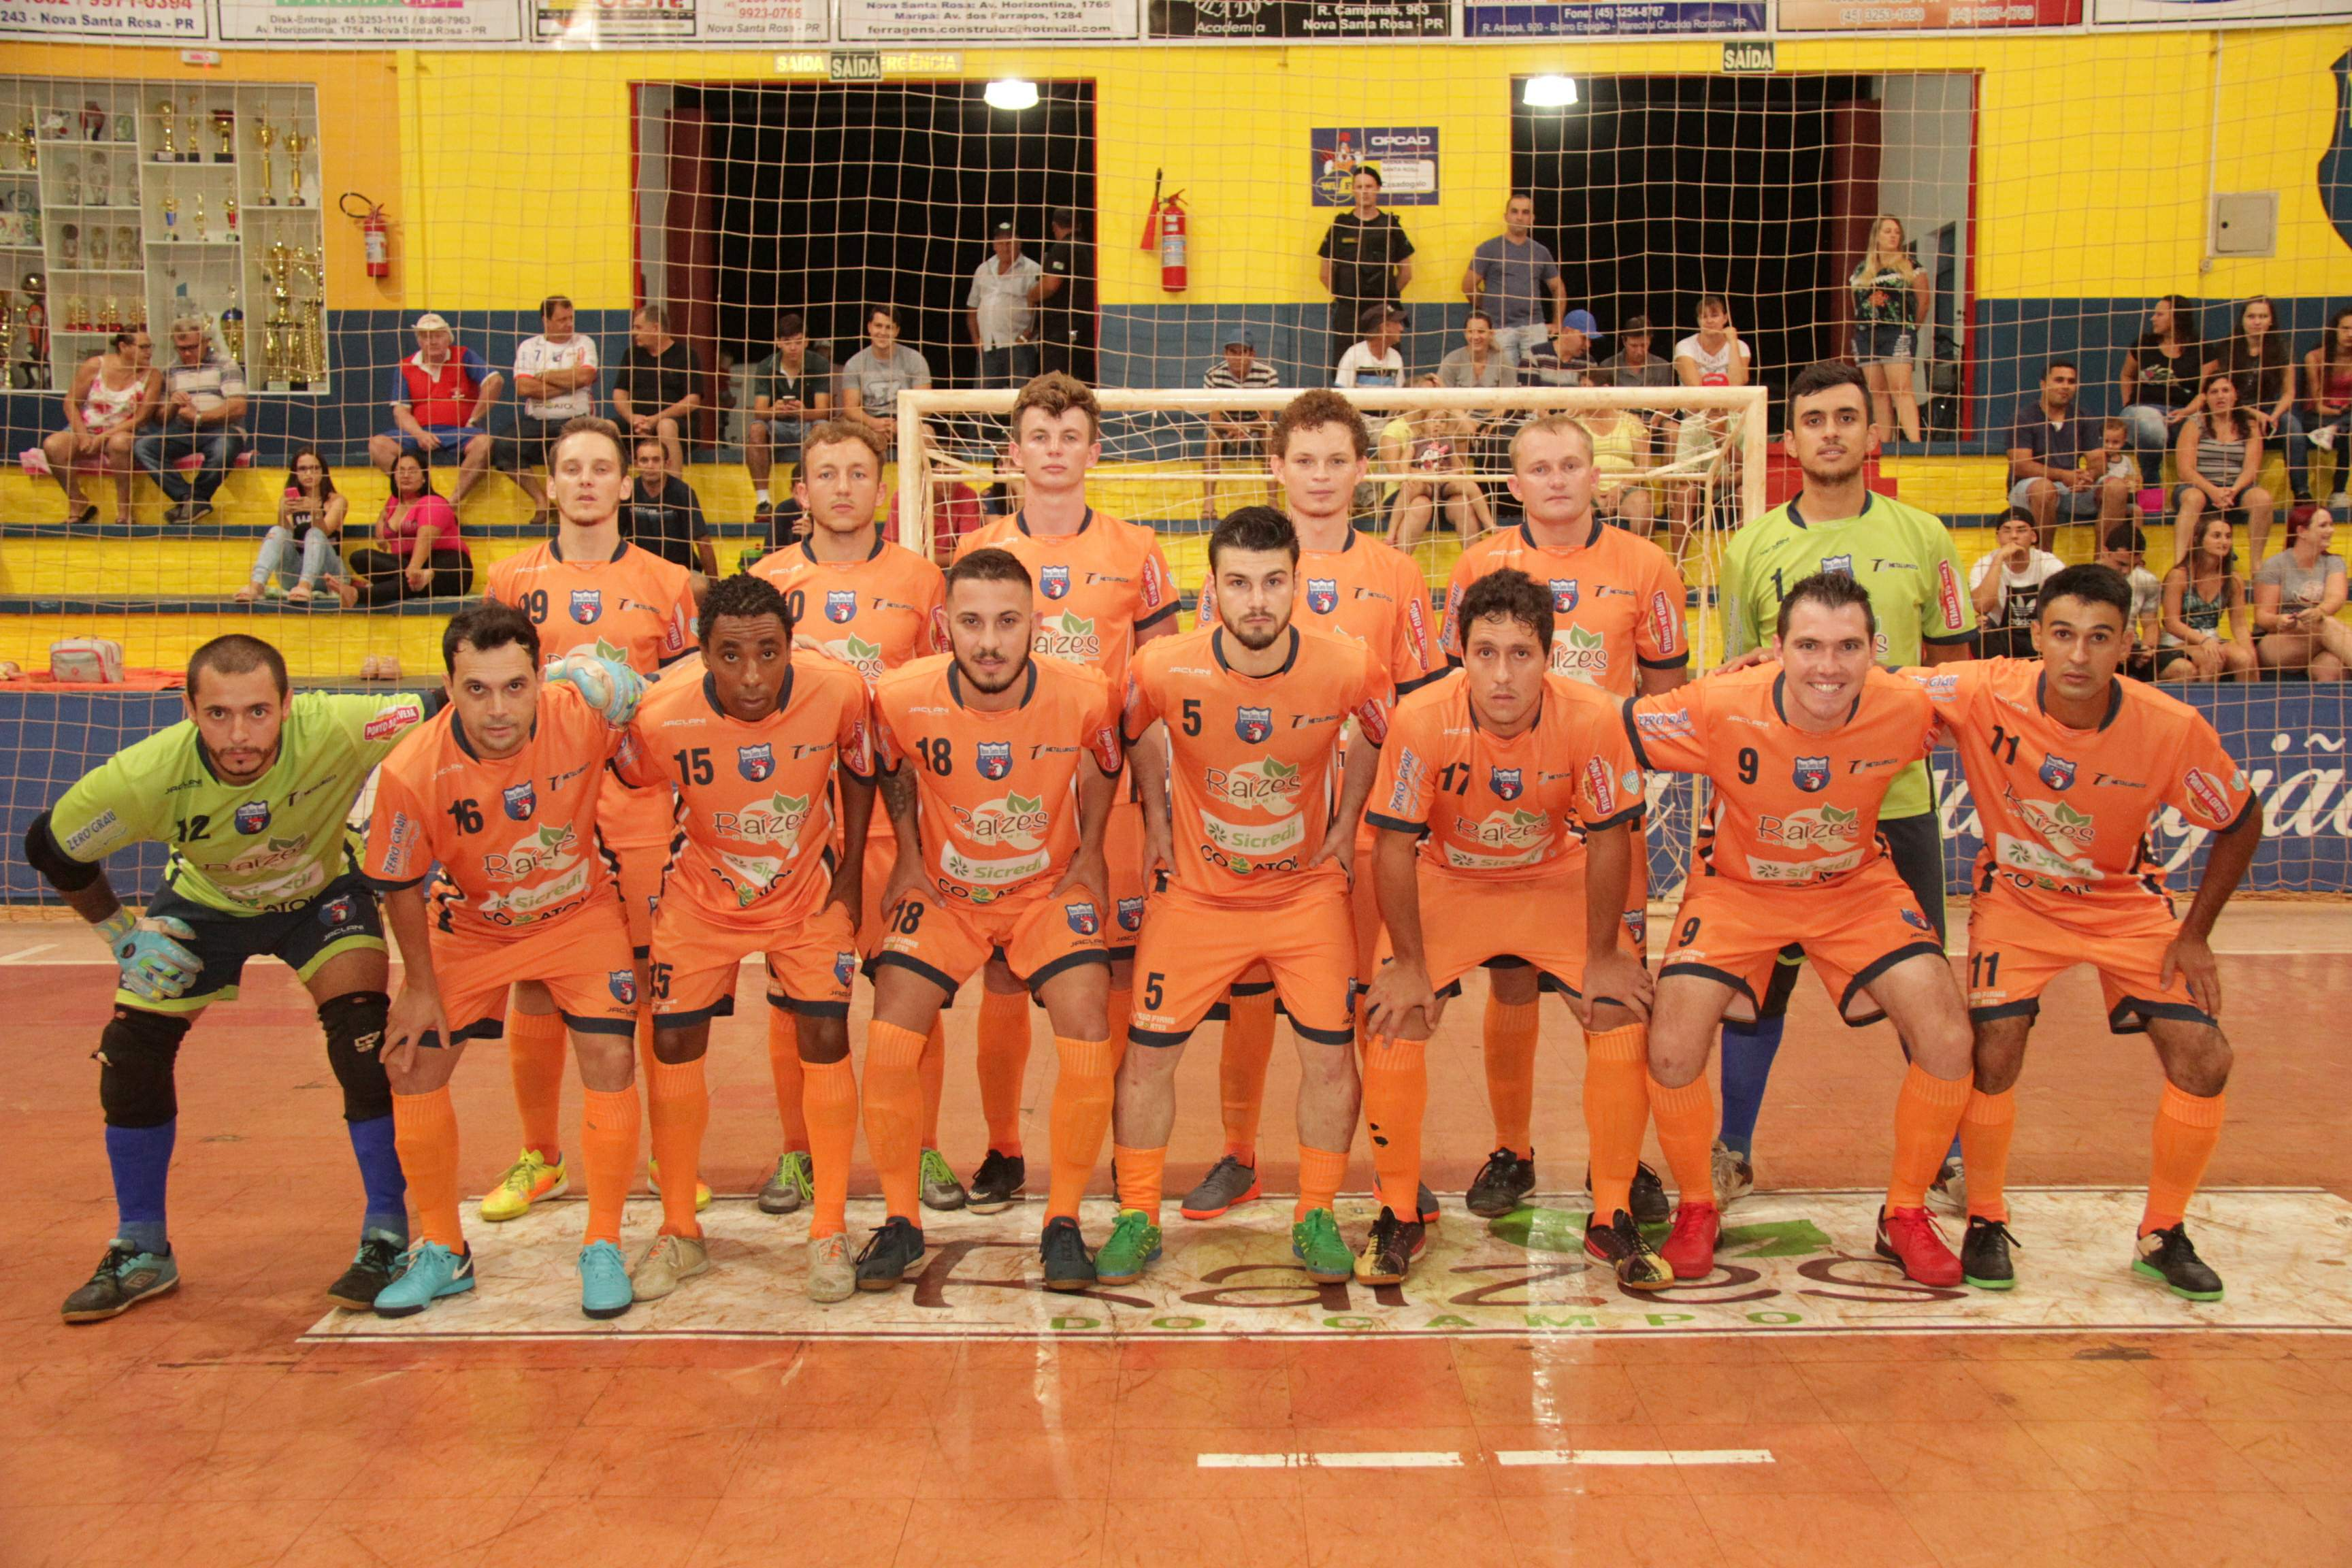 O Nova Santa Rosa Futsal venceu neste sábado (14) por 4 a 1 a equipe  Catanduvas  Ativa Sport 56985bb26d6d5